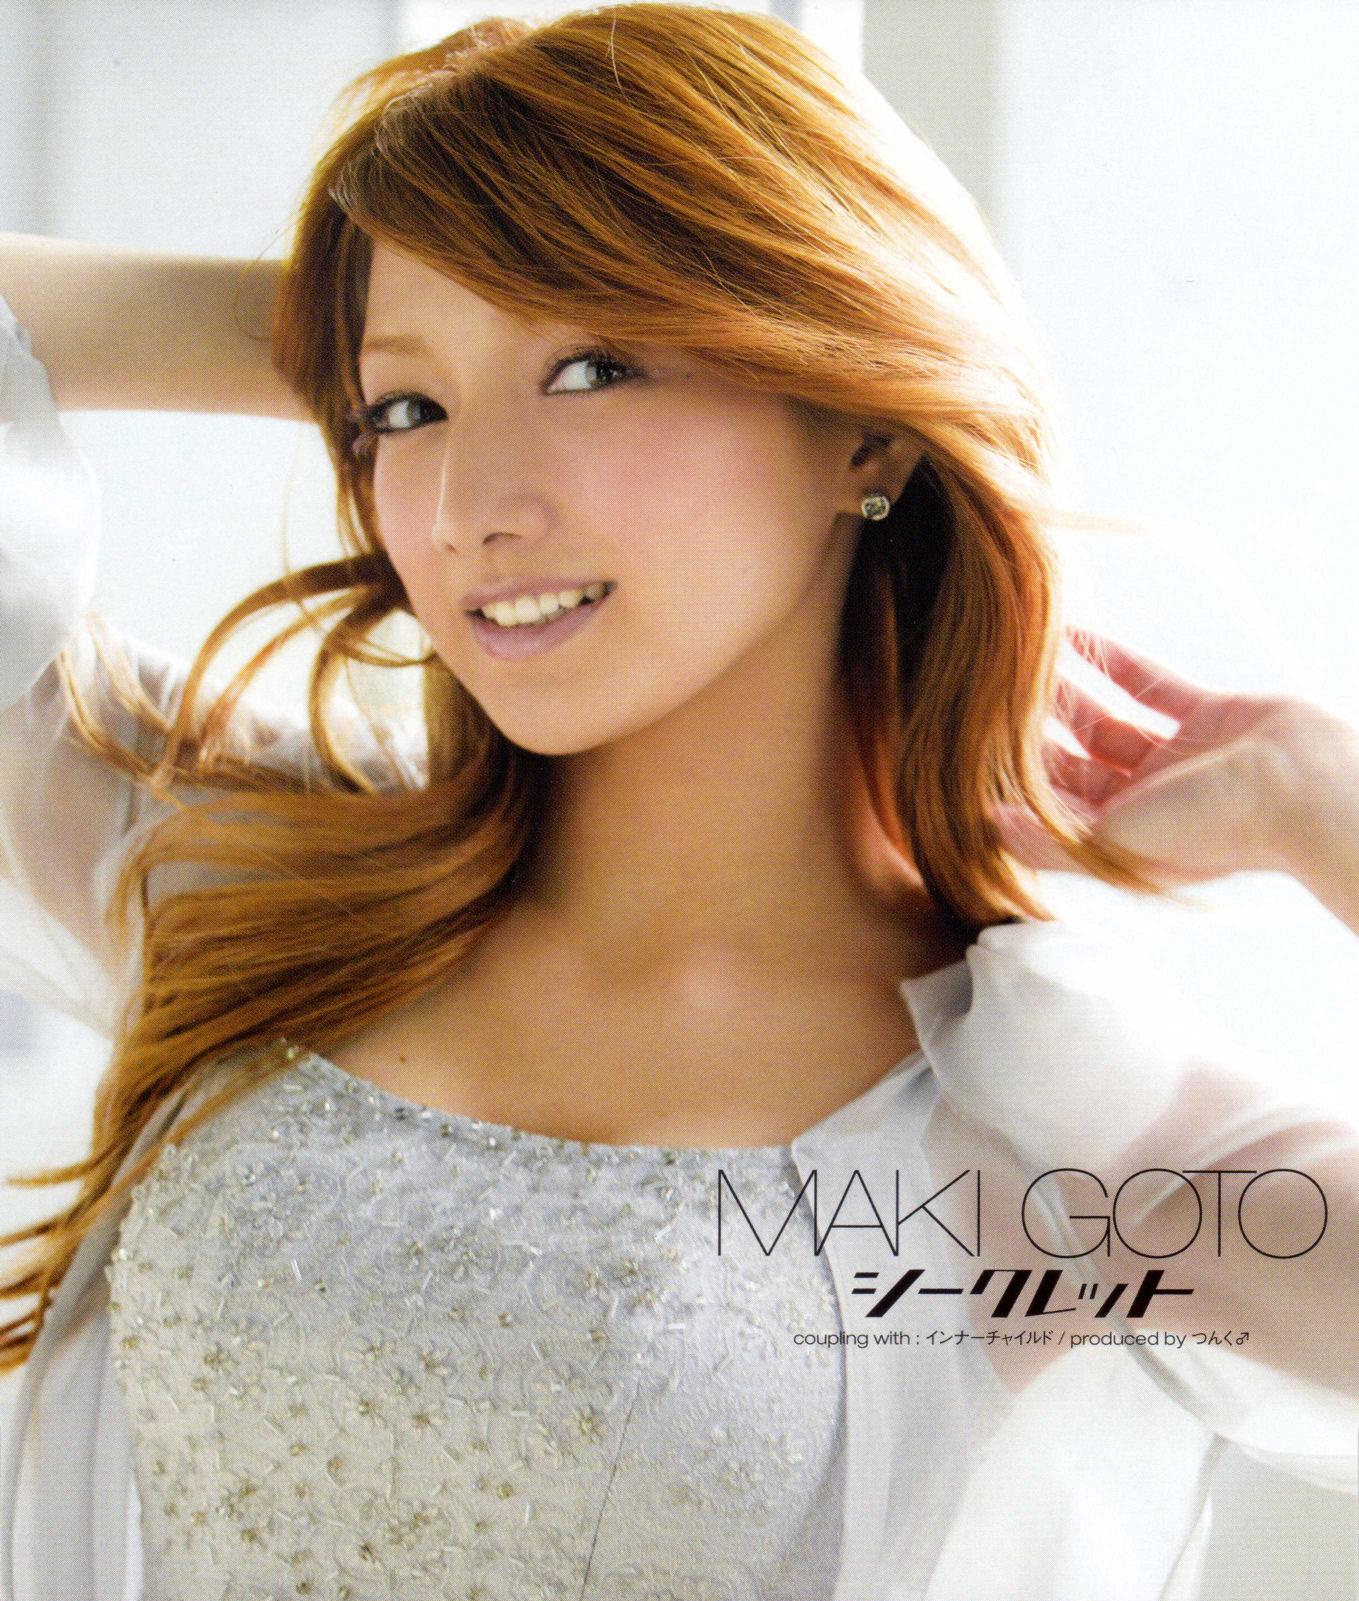 20151220.01.1 Maki Goto - Secret cover 2.jpg